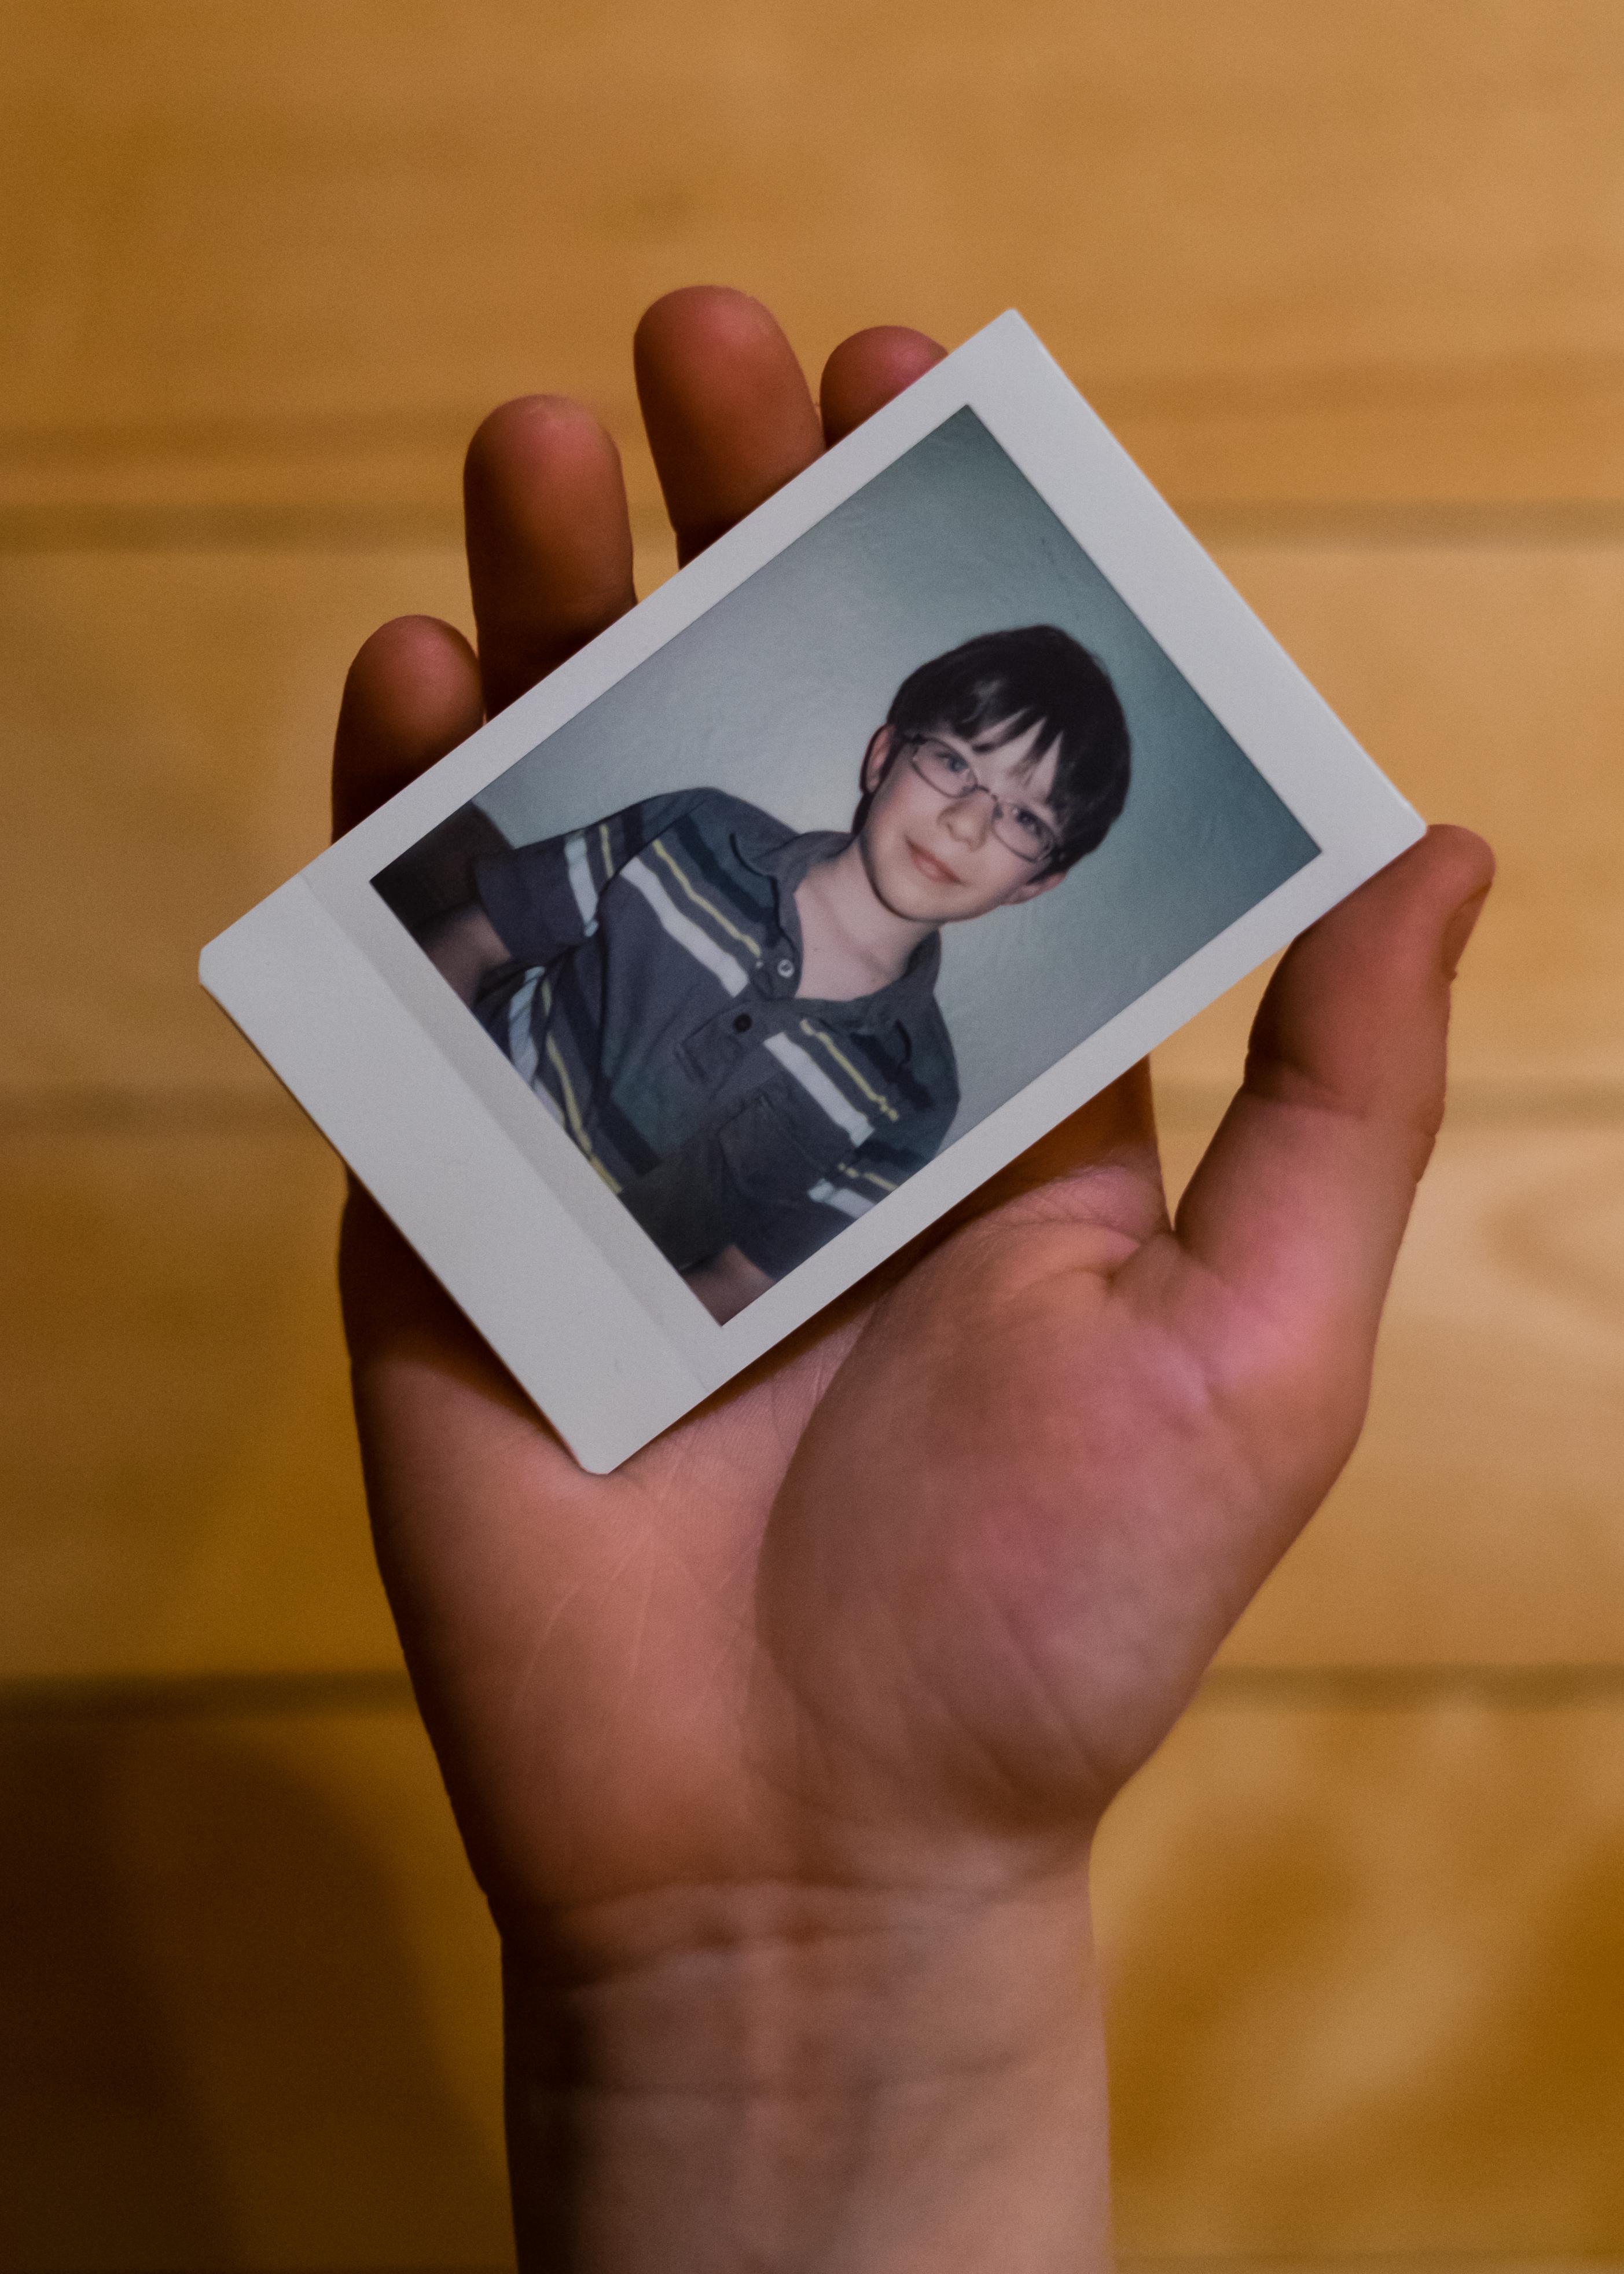 Olivier Bourget portrait dans la main-12